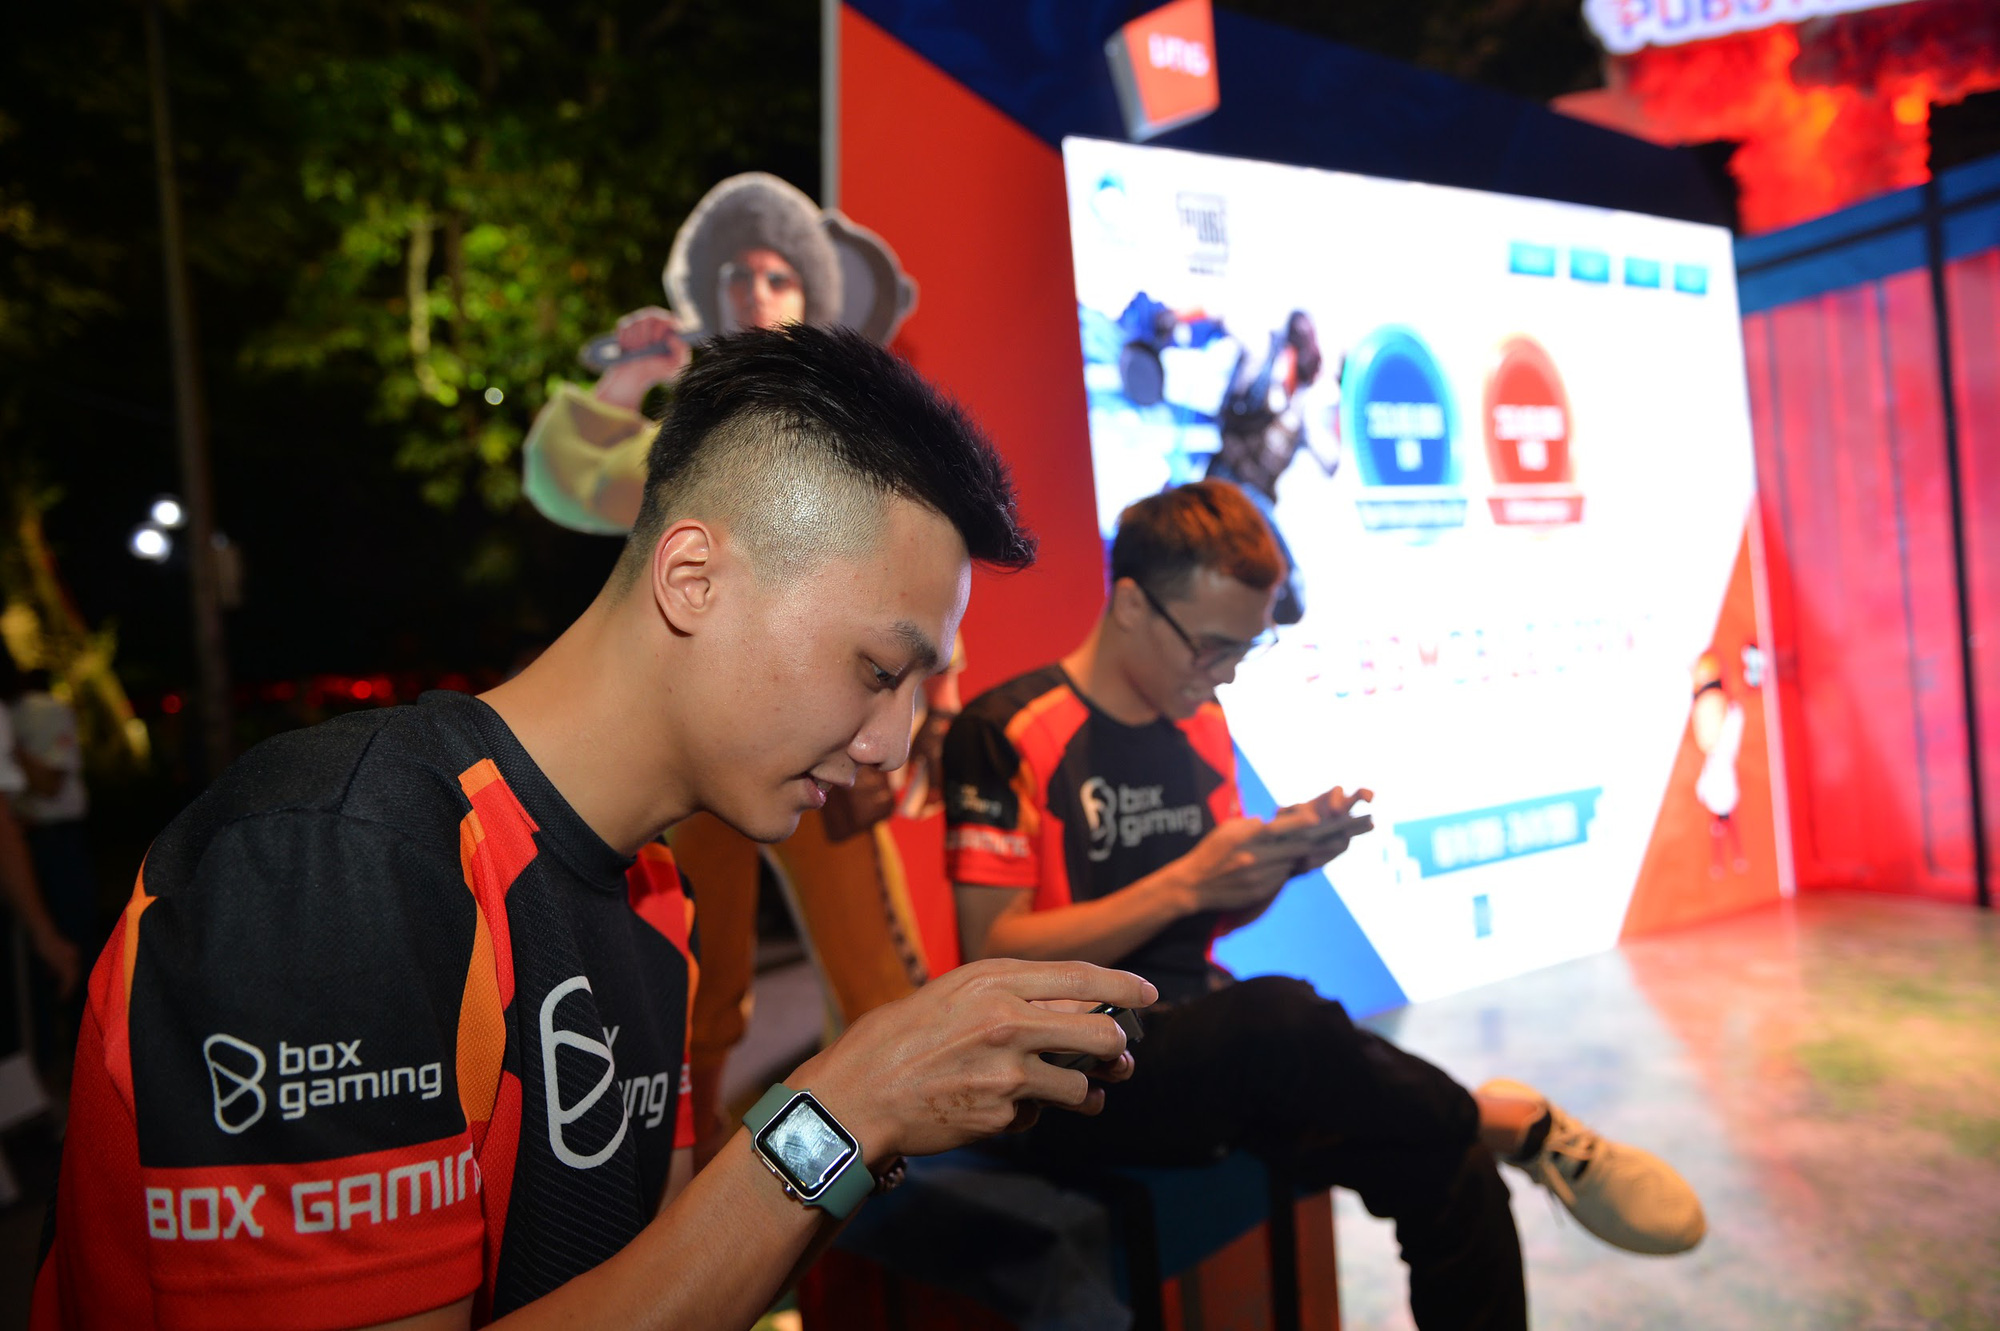 Box Gaming, Ngân Sát Thủ cùng dàn streamer hội tụ tại sự kiện gây quỹ từ thiện PUBG MOBILE SPRINT - Chạy bo vì cộng đồng - Ảnh 7.